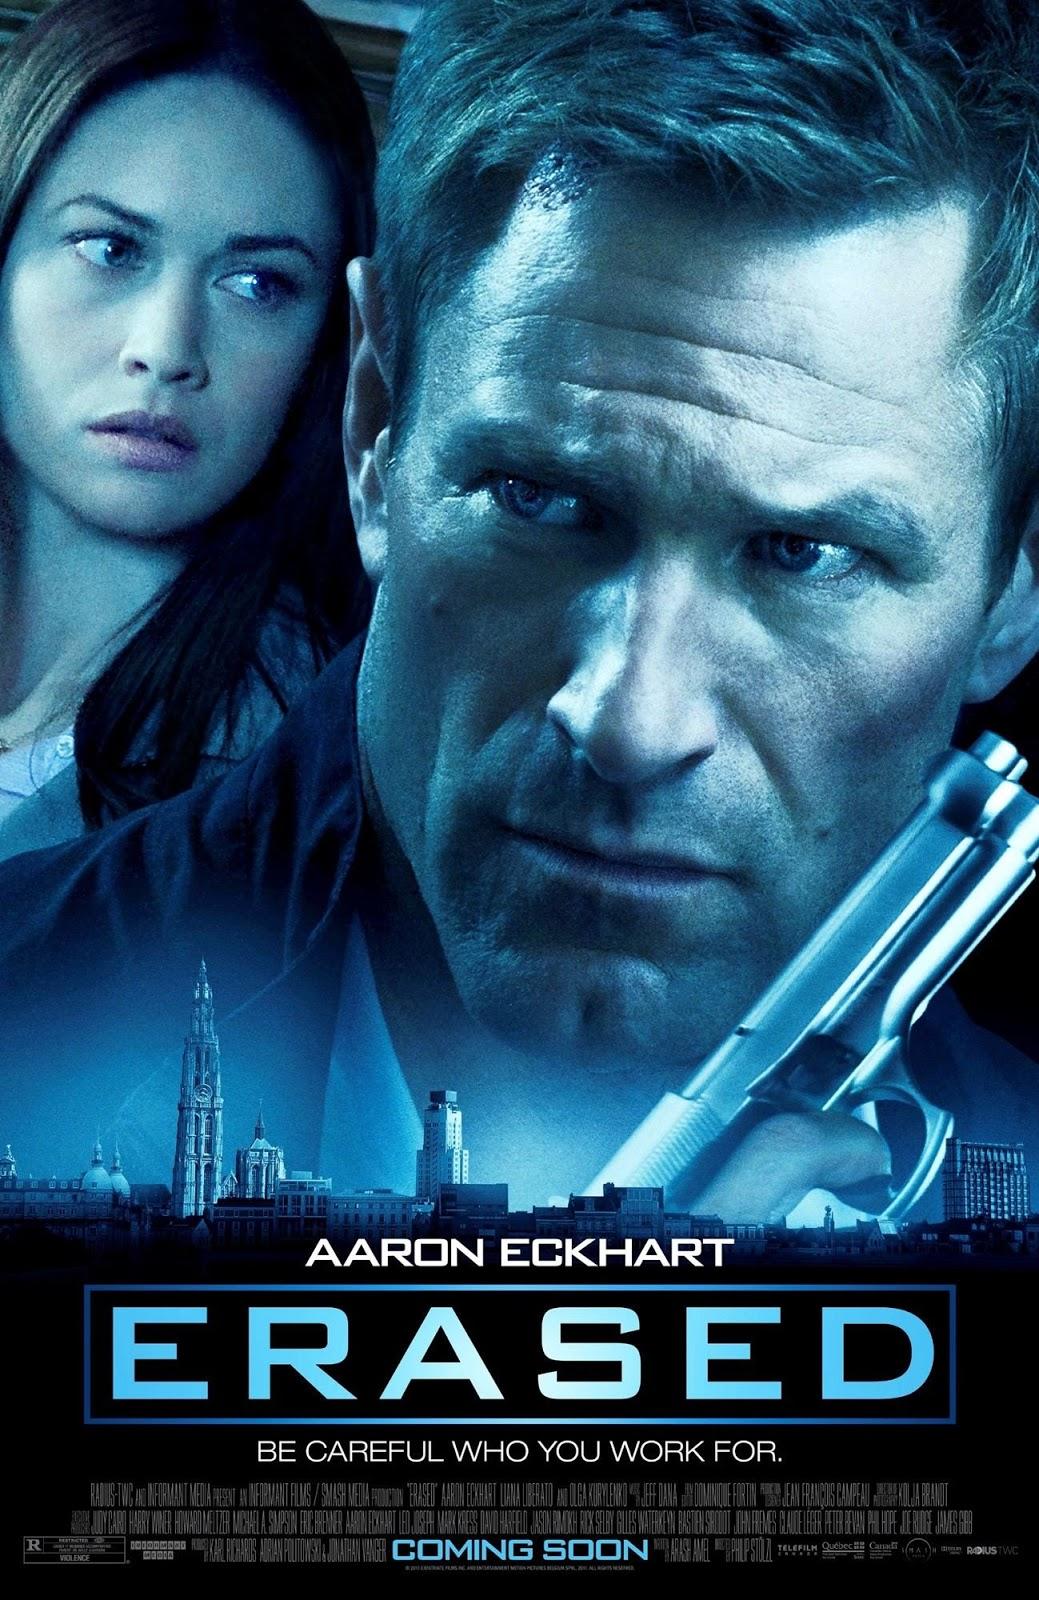 Download Film Erased Indowebster  Film Barat 2013  Share Film